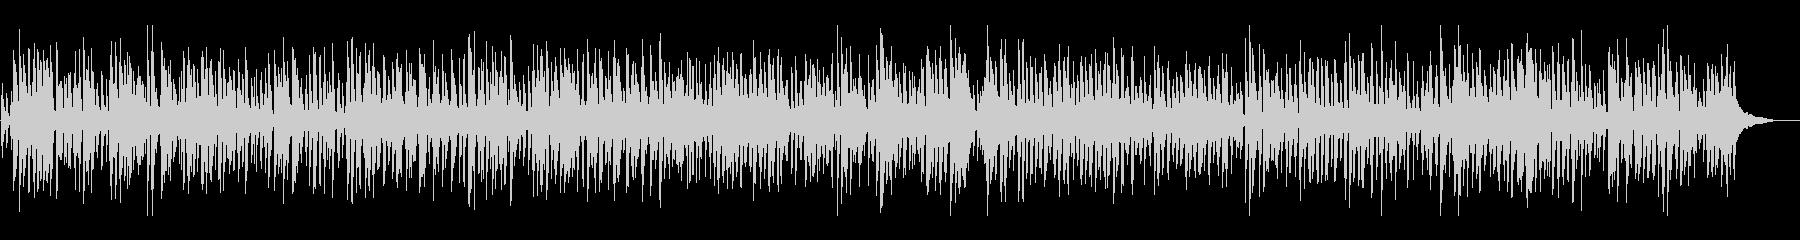 明るいアコースティックジャズピアノトリオの未再生の波形